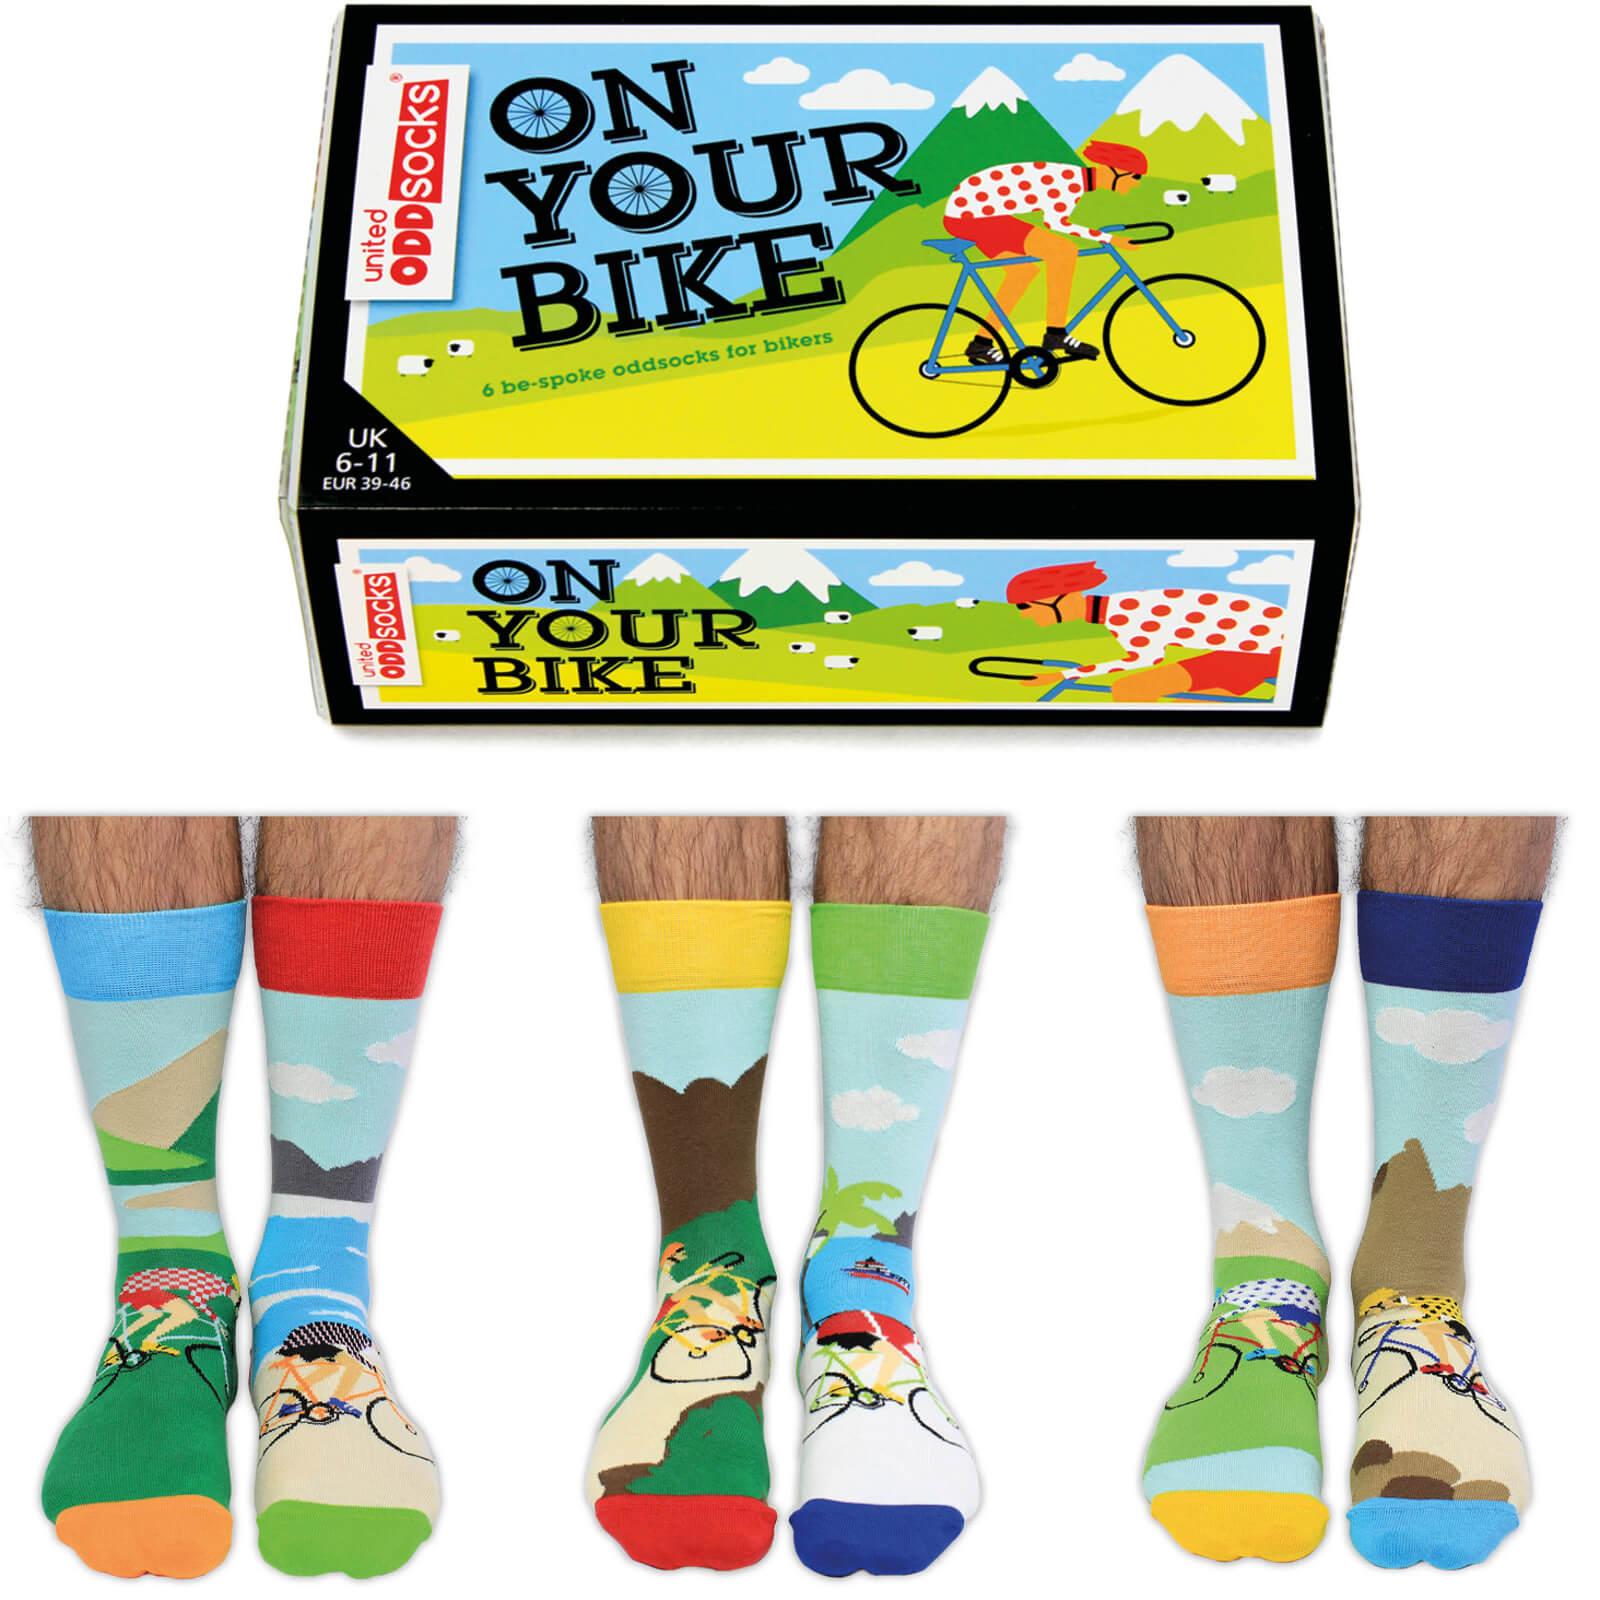 United Oddsocks Mens On Your Bike Socks Gift Set (UK 6 11)